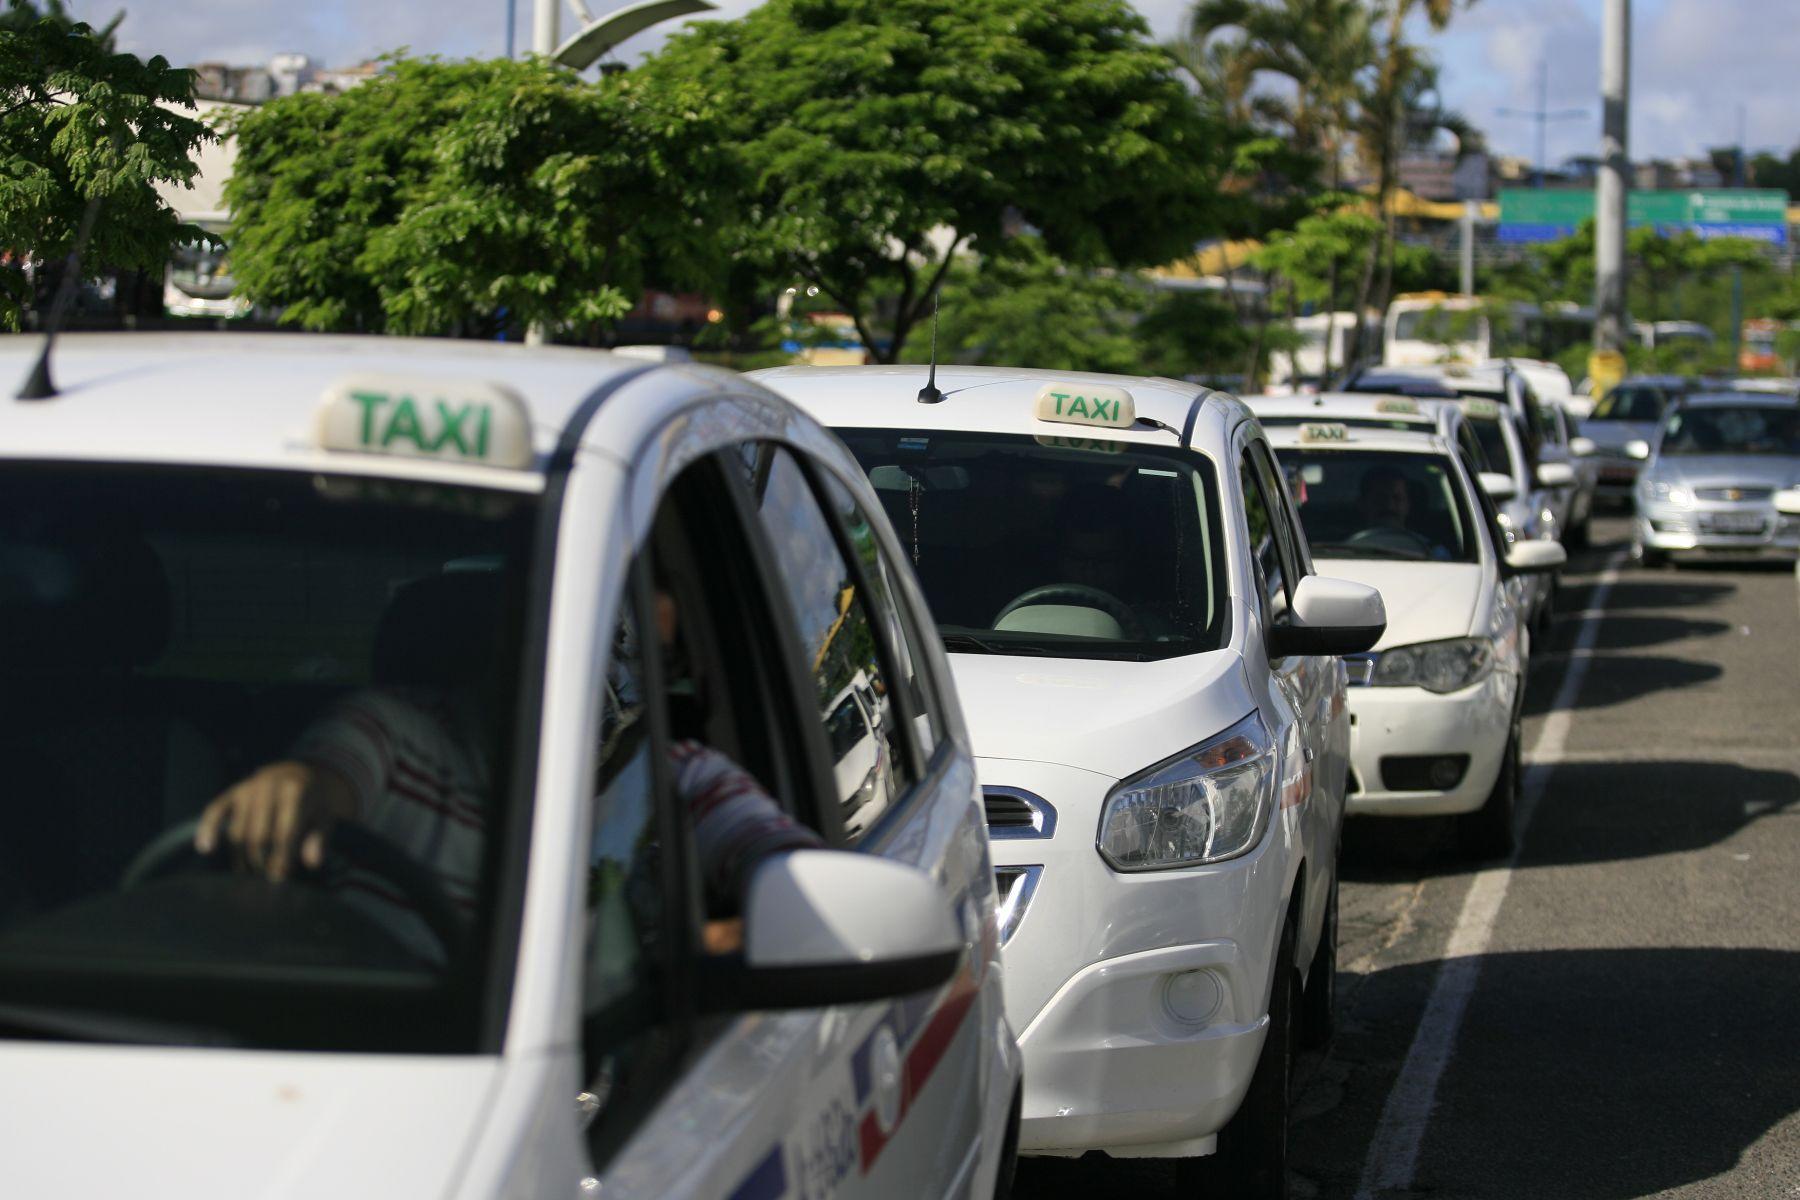 fila de carros brancos com placa de taxi em salvador bahia